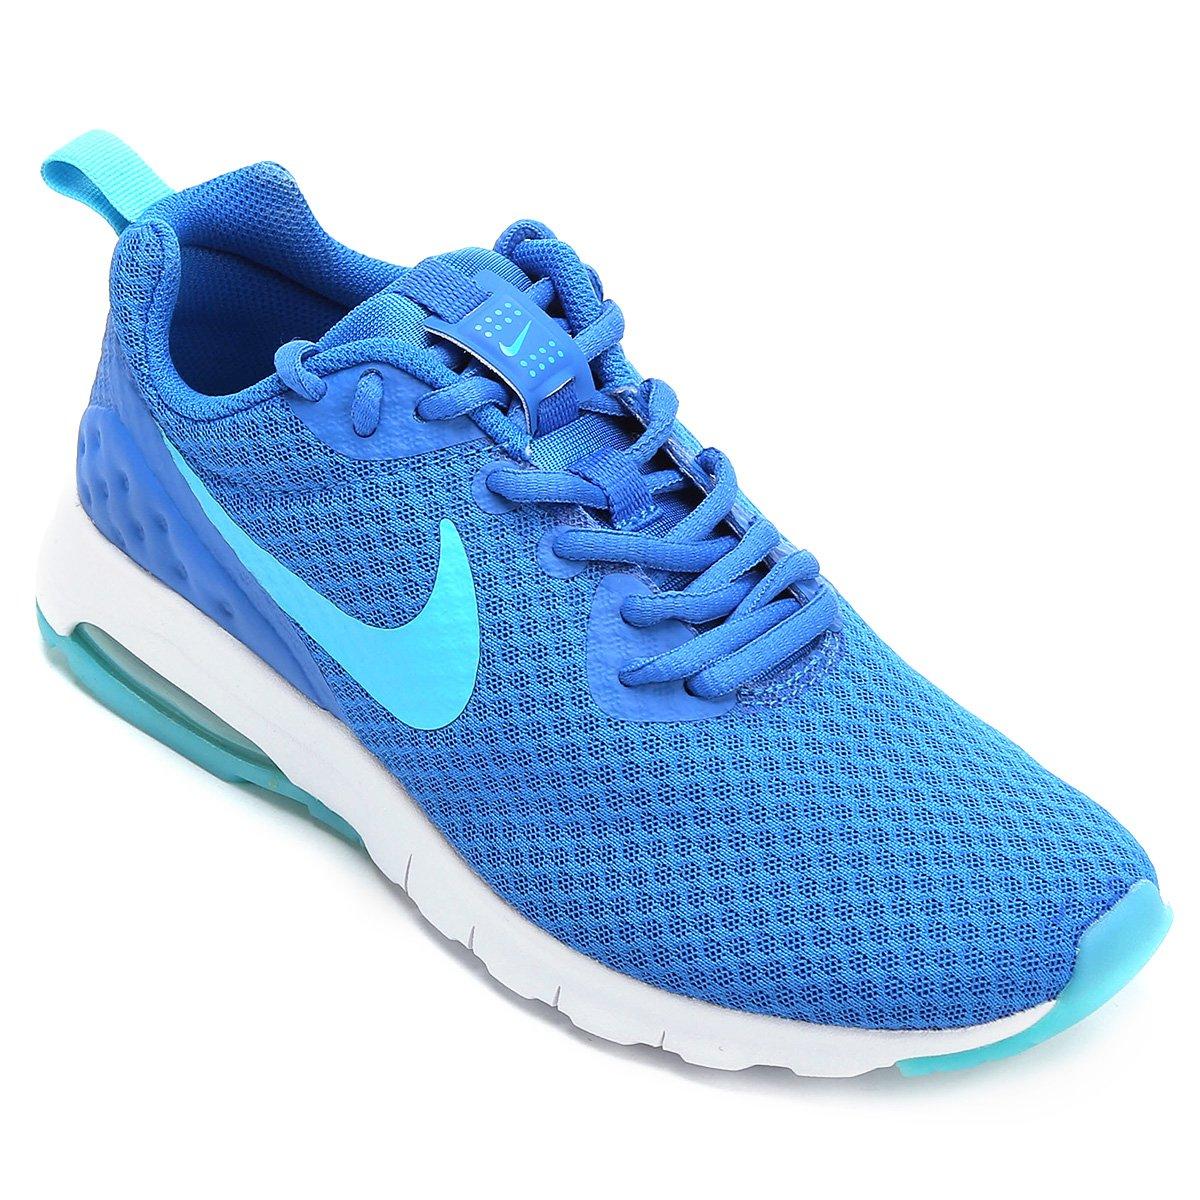 48082960e Tênis Nike Air Max Motion Lw Feminino - Compre Agora